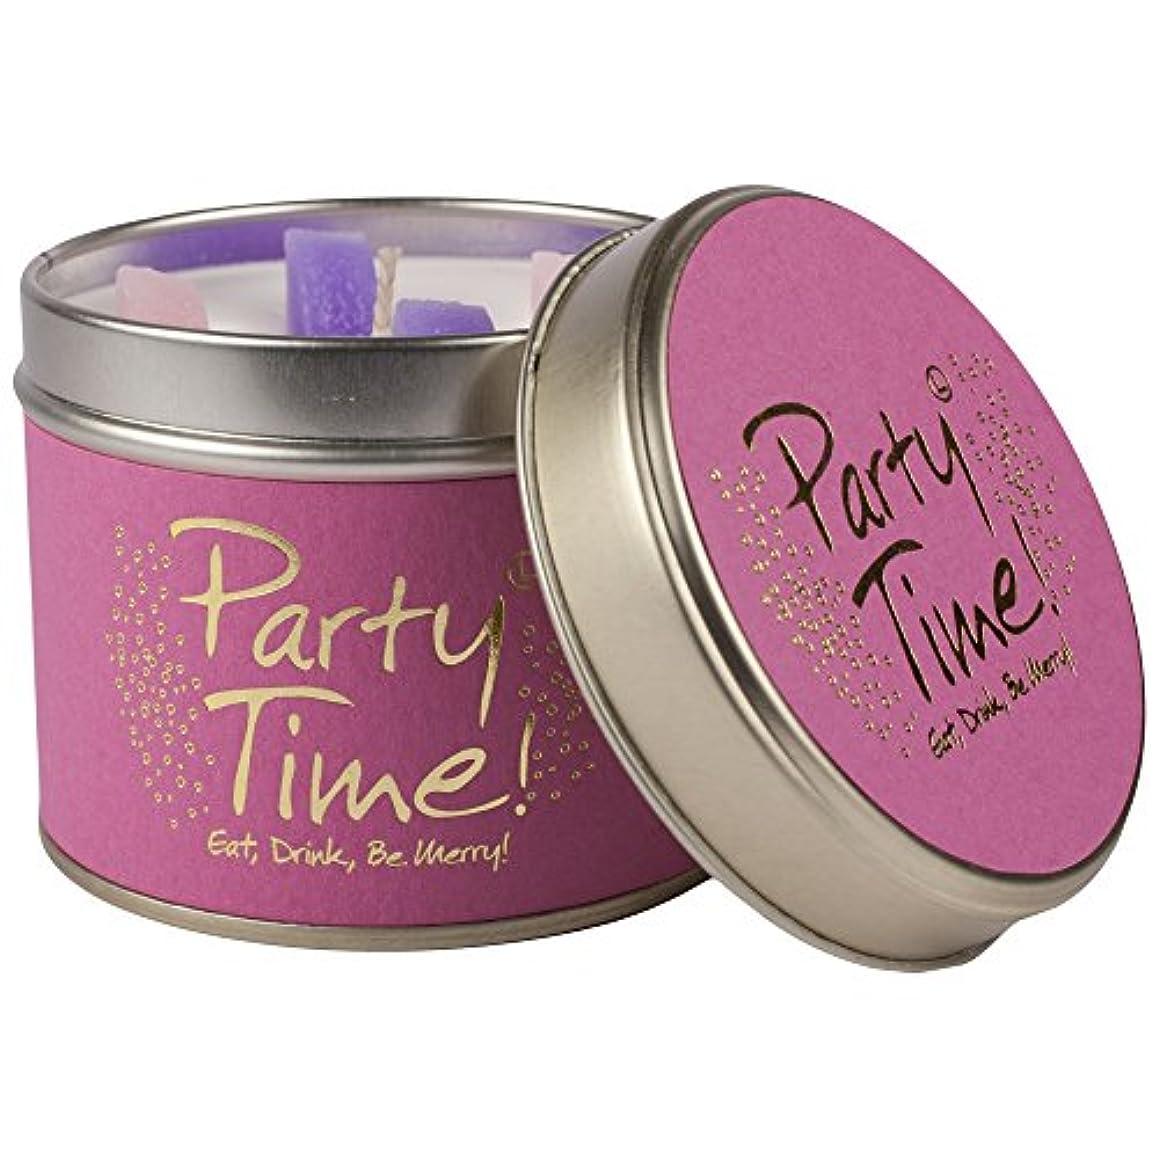 キャンバス博物館葉っぱLily-Flame Party Time Scented Candle Tin (Pack of 2) - ユリ炎パーティーの時間香りのキャンドルスズ (Lily-Flame) (x2) [並行輸入品]